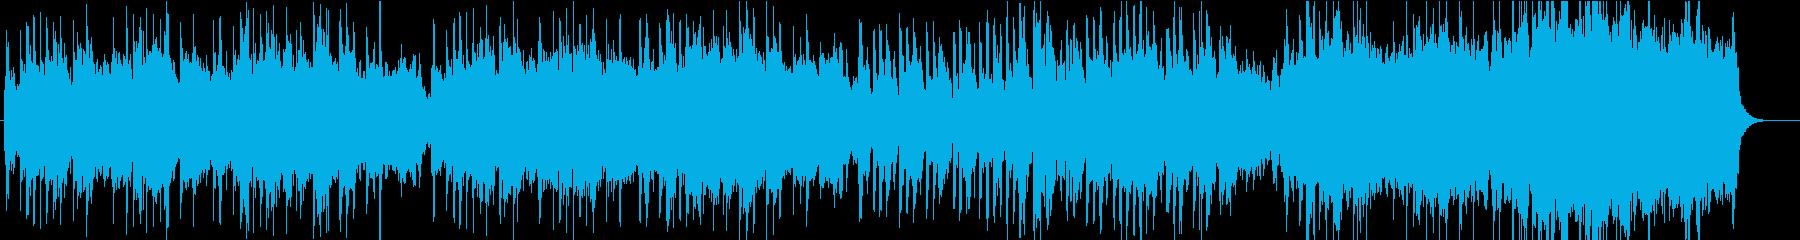 愛の挨拶 オルゴールオーケストラverの再生済みの波形